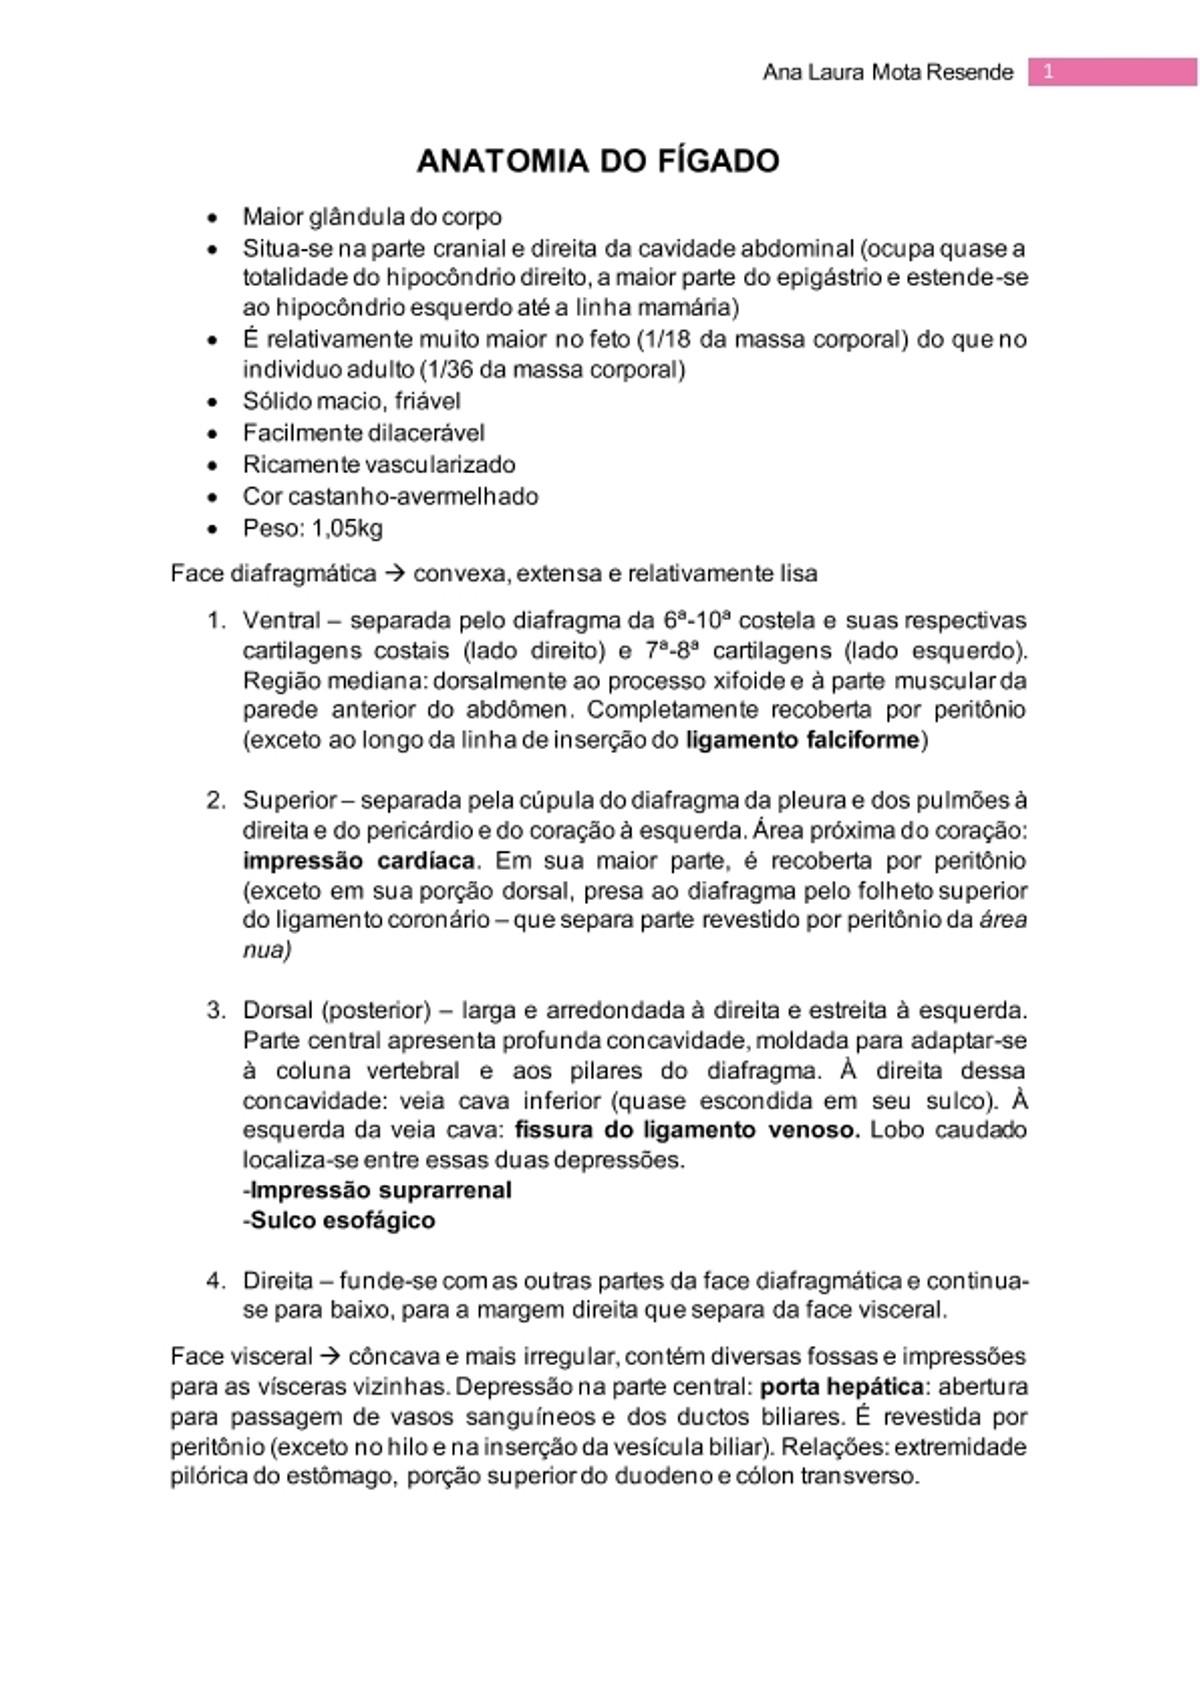 Pre-visualização do material ANATOMIA DO FÍGADO - página 1